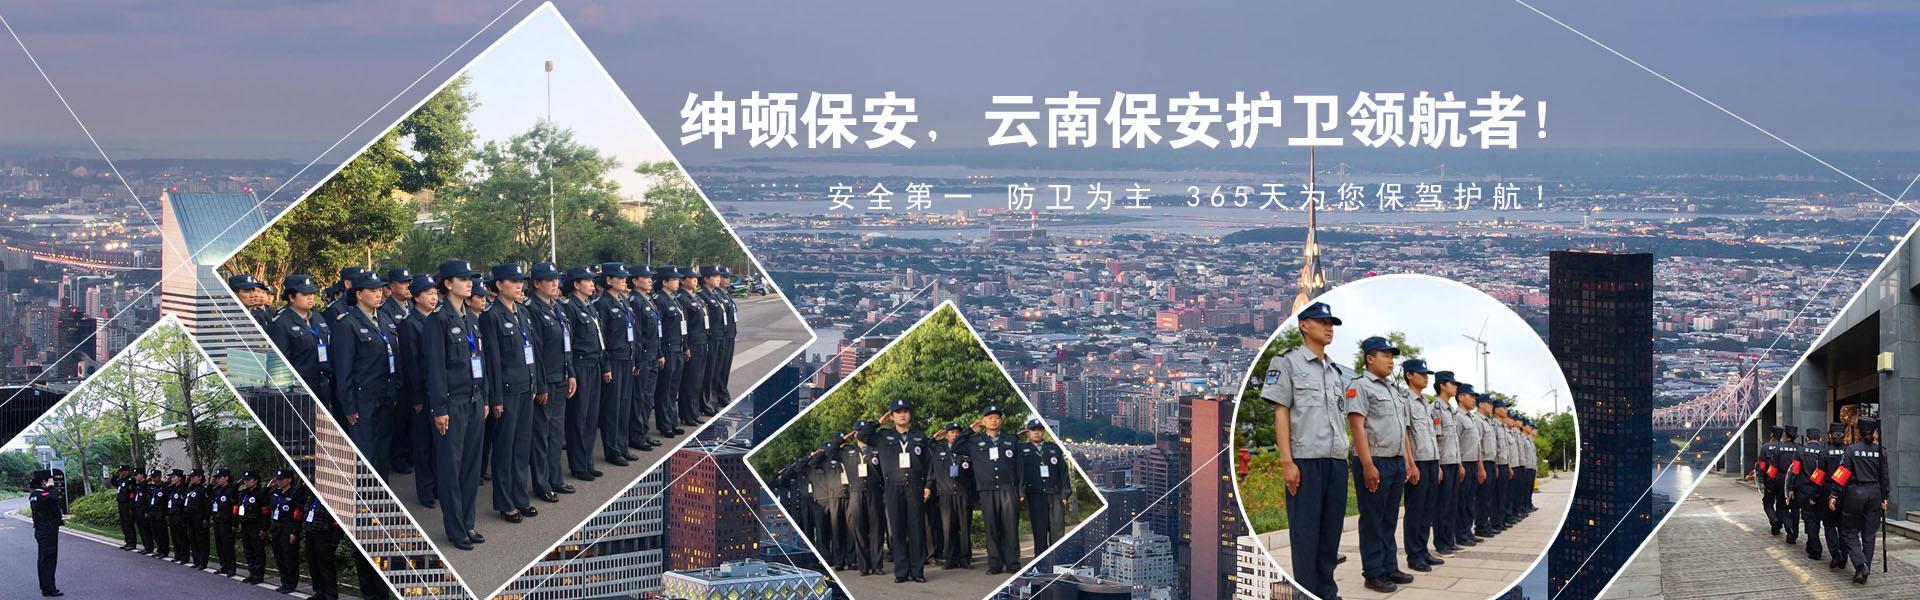 云南大型活动安保服务